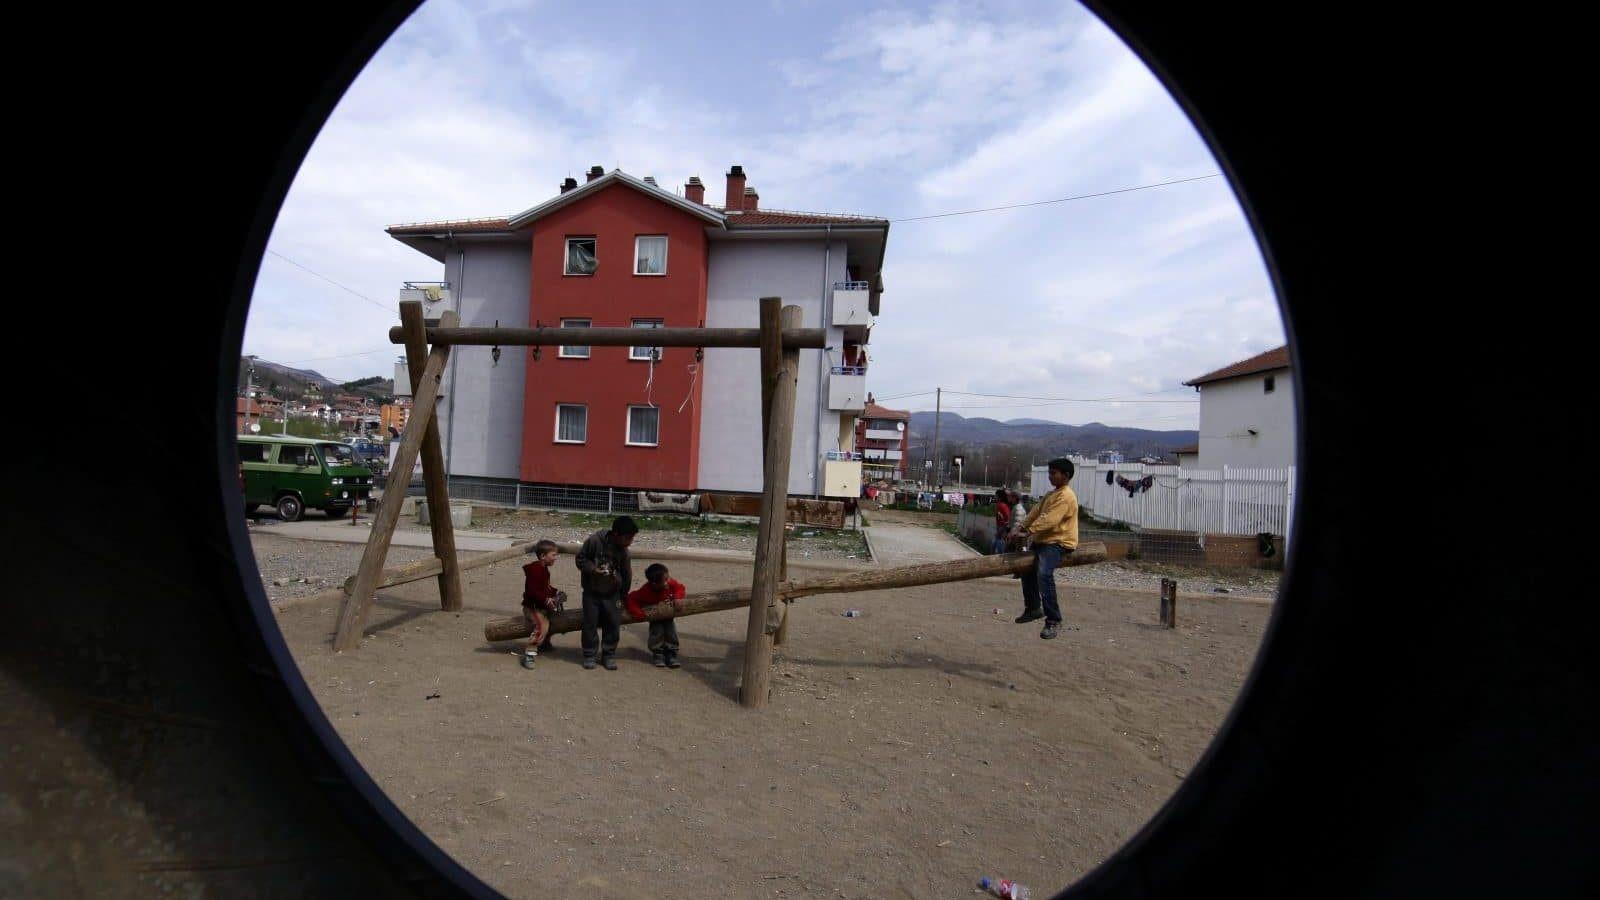 Romska djeca se igraju u svom naselju u sjevernom kosovskom gradu Mitrovici (Foto: EPA / VALDRIN KSHEMAJ)